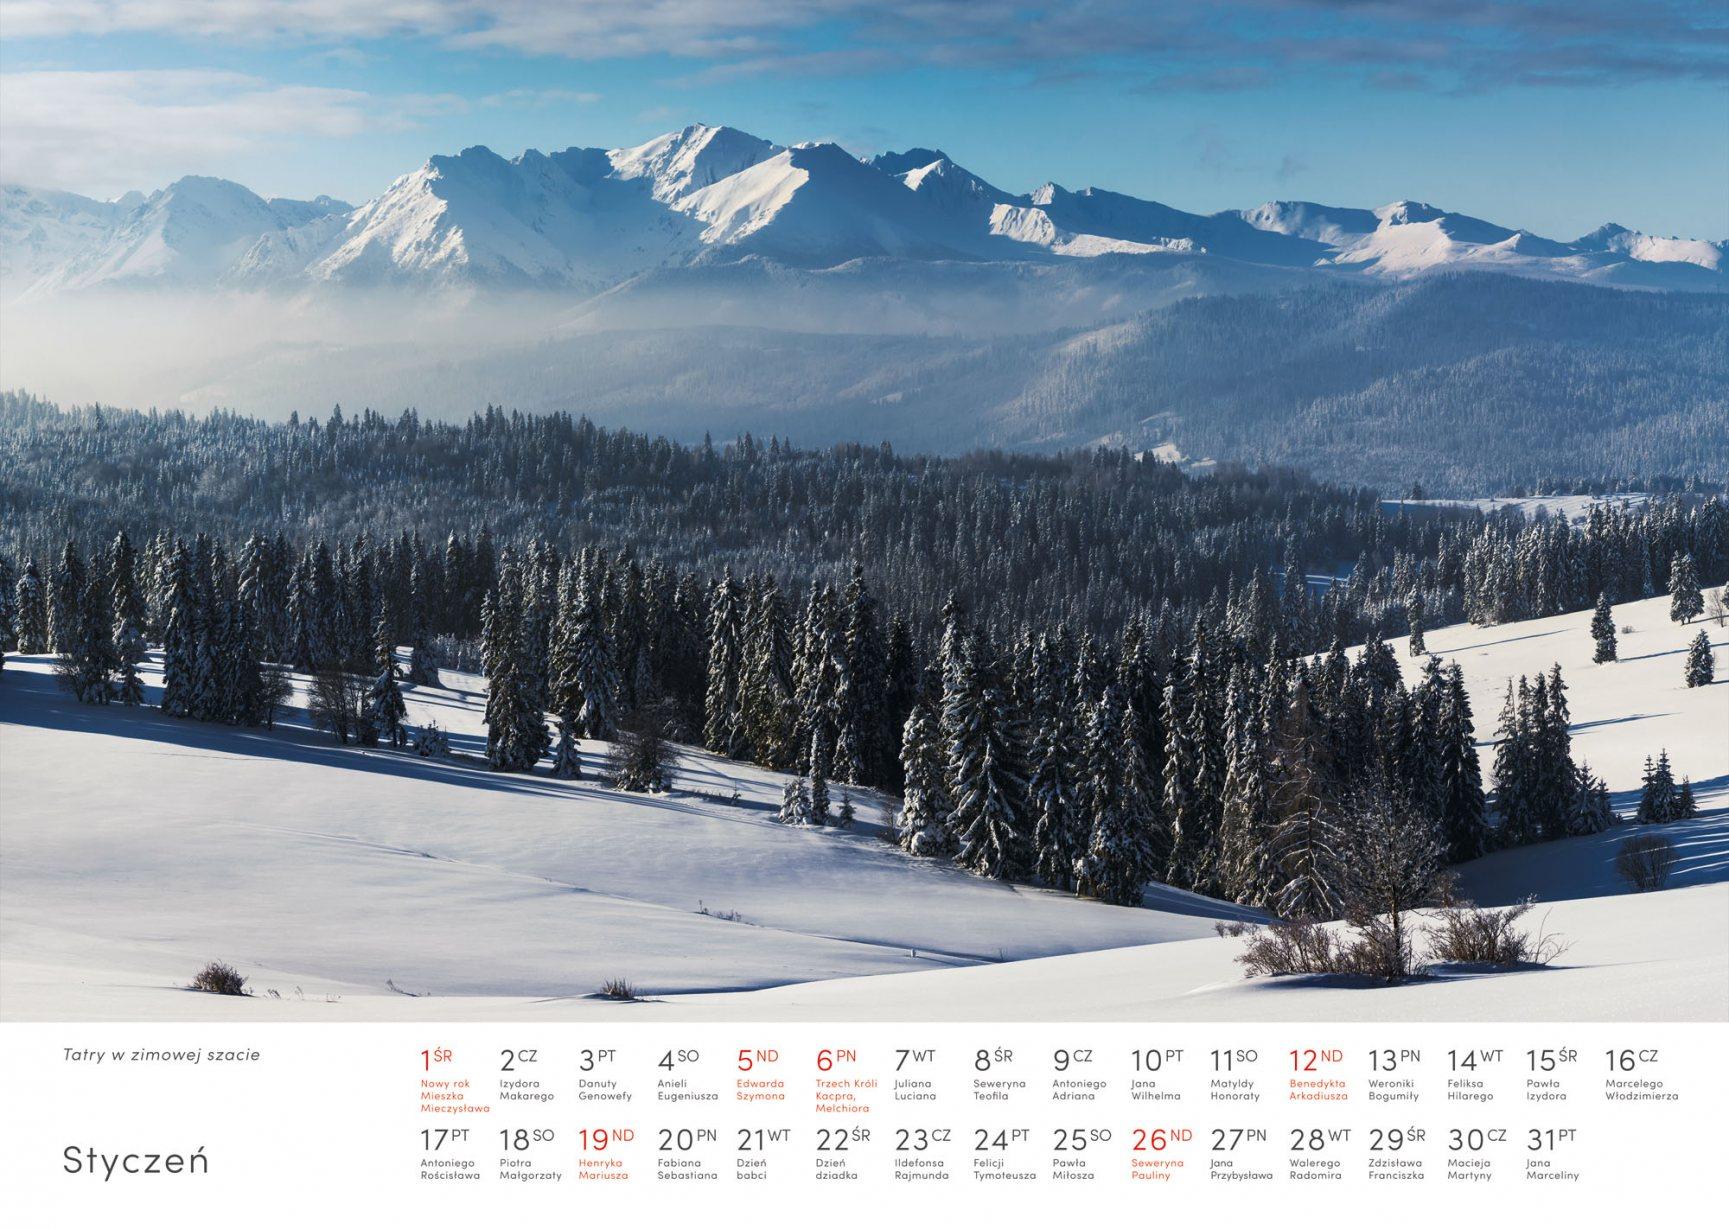 Kalendarz krajobrazy 2020 - Styczeń - Piotr Kałuża - Tatry zimą